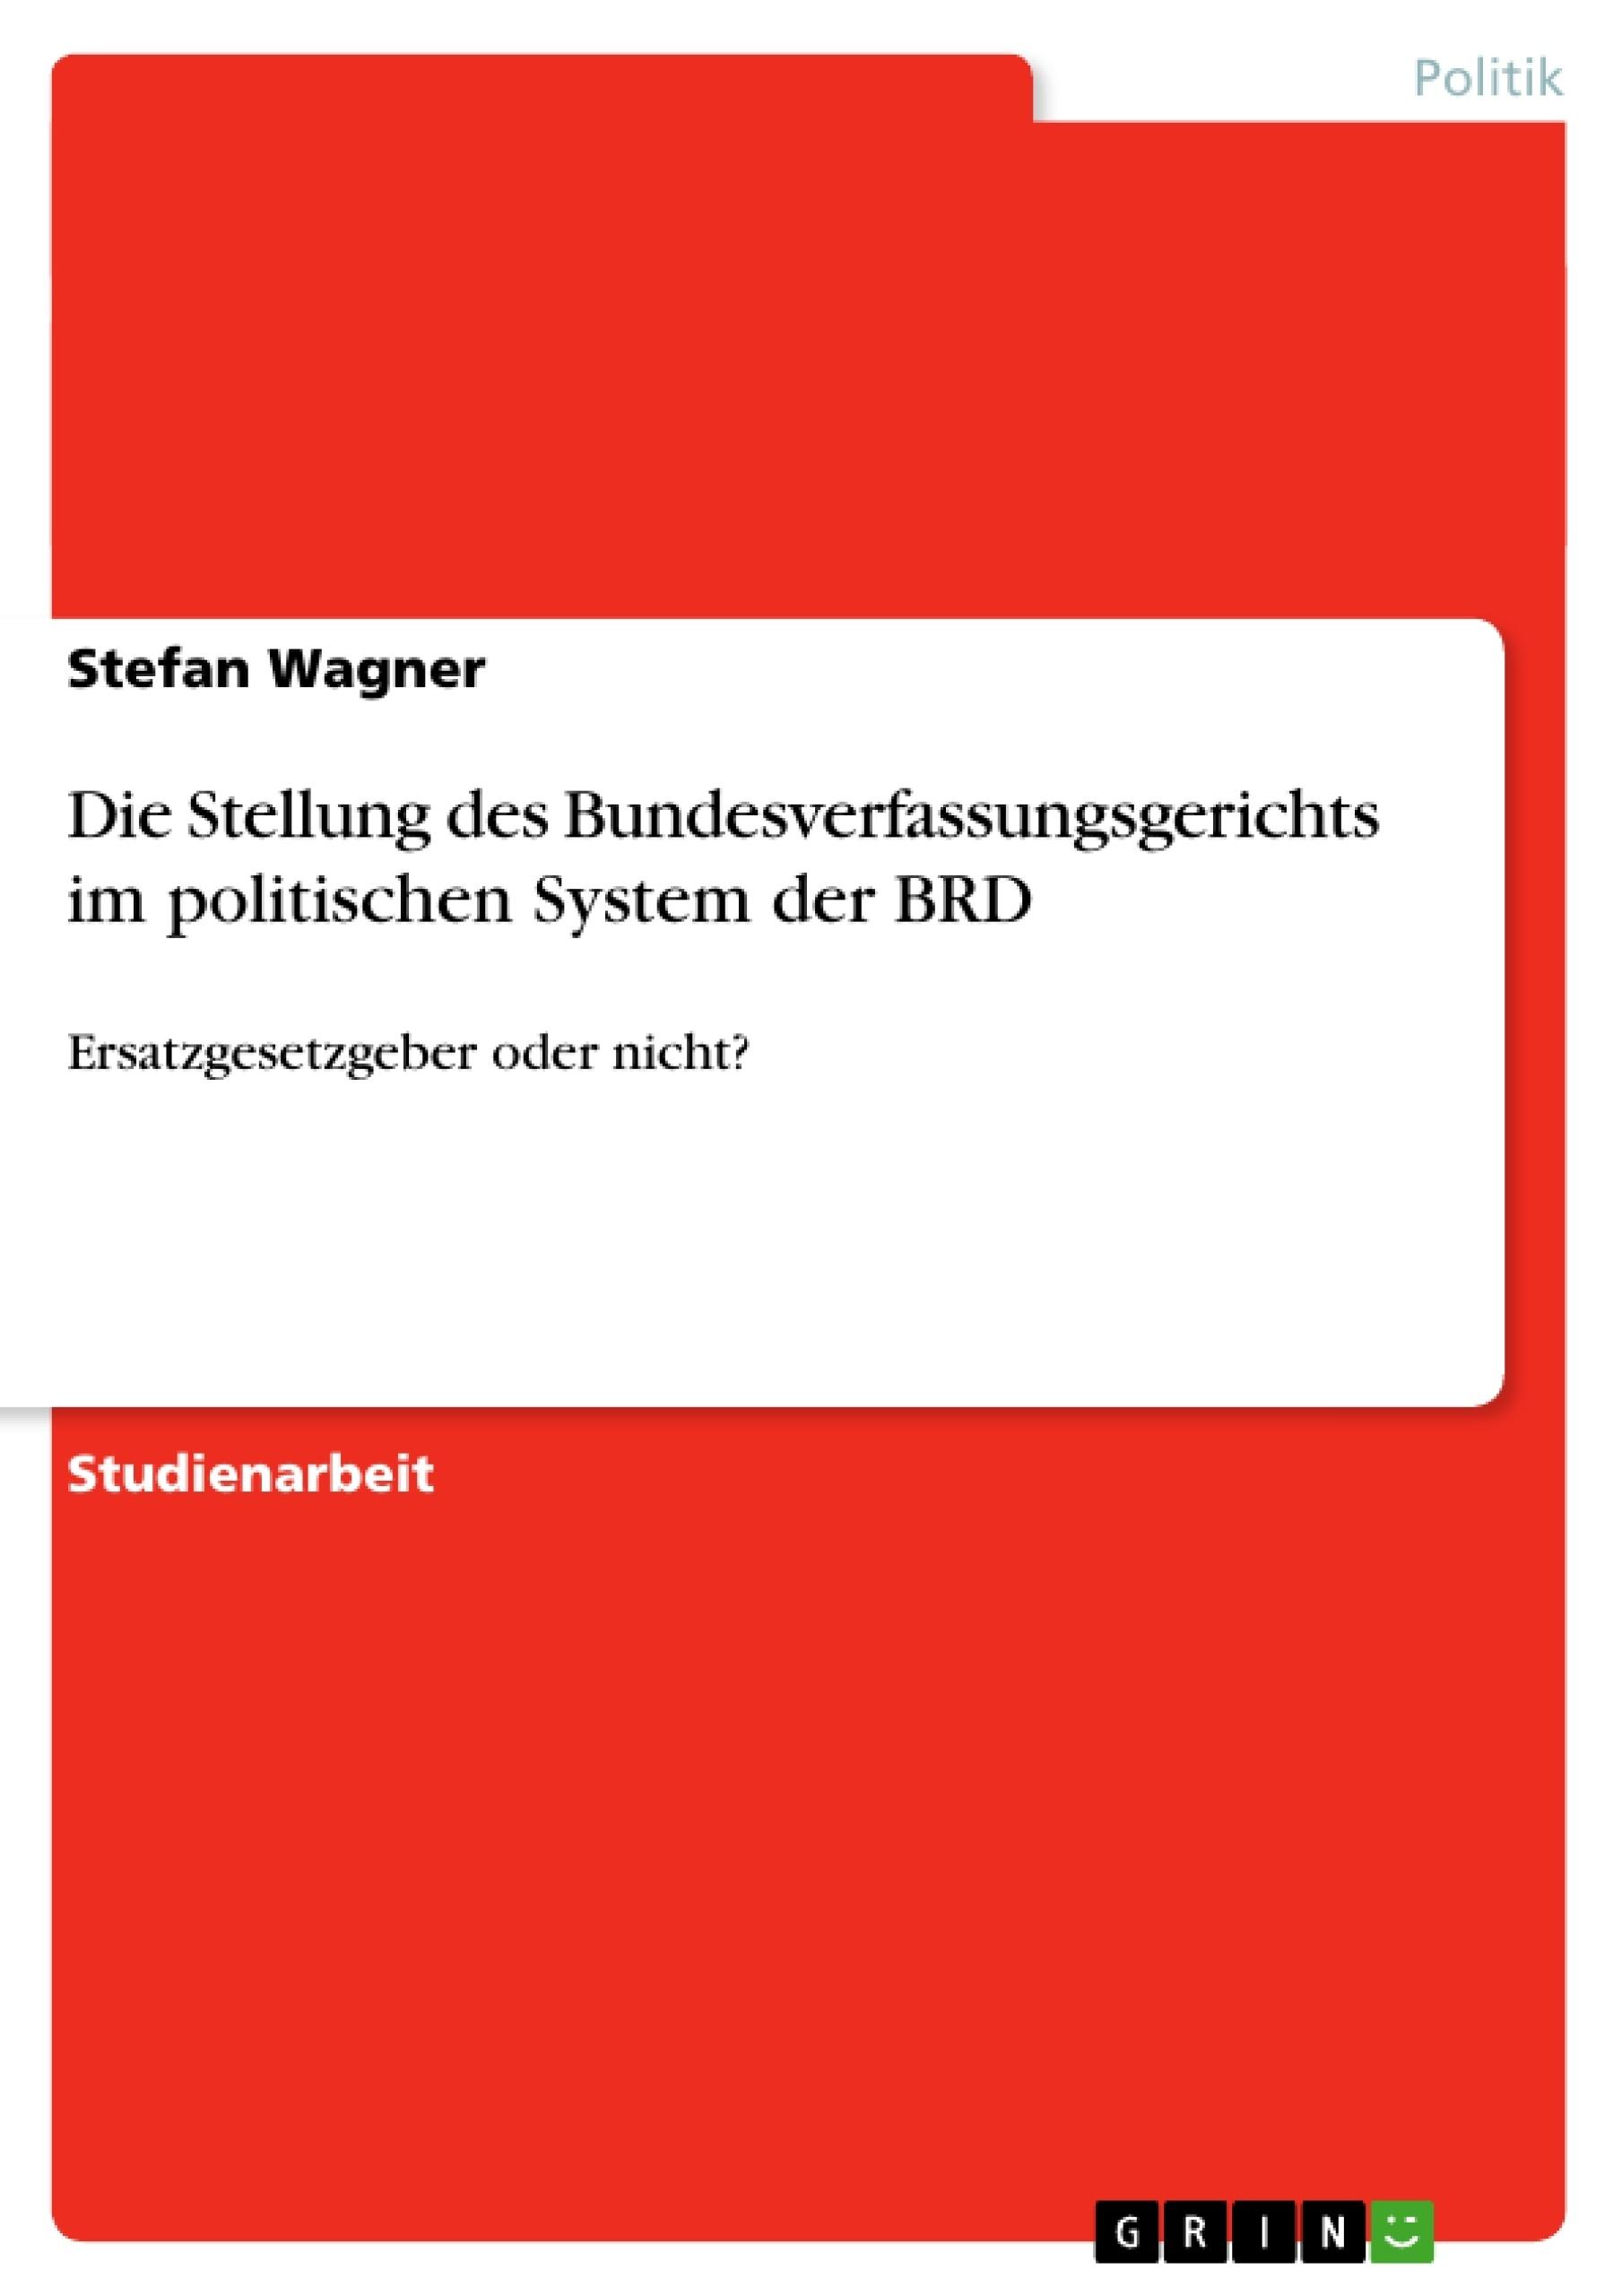 Titel: Die Stellung des Bundesverfassungsgerichts im politischen System der BRD